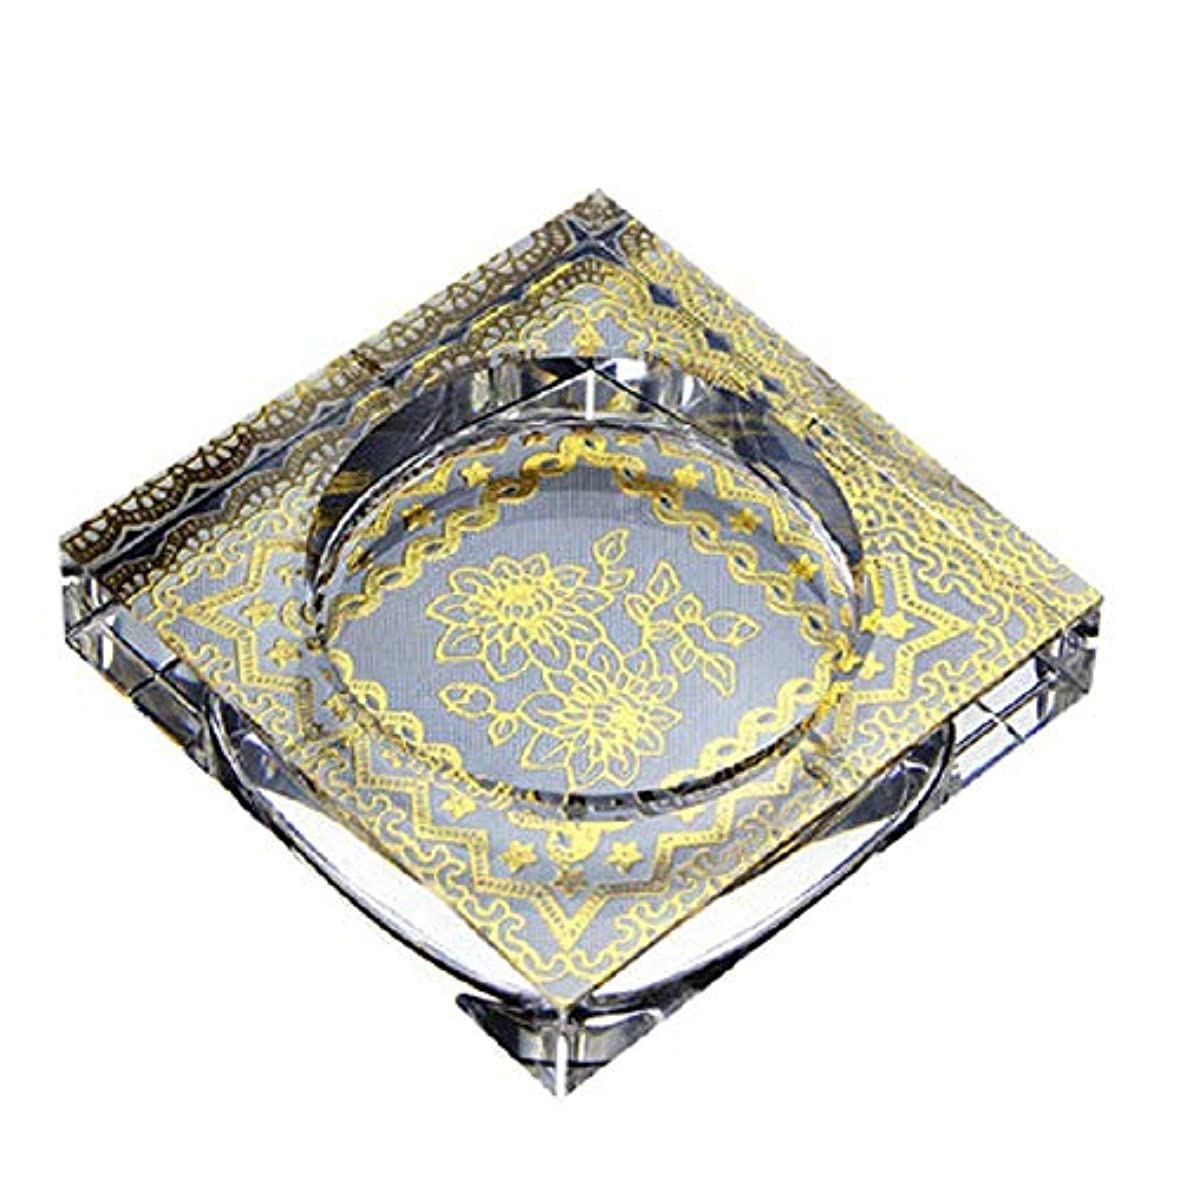 弾力性のある倉庫モトリータバコ、ギフトおよび総本店の装飾のための灰皿の円形の光沢のある水晶灰皿